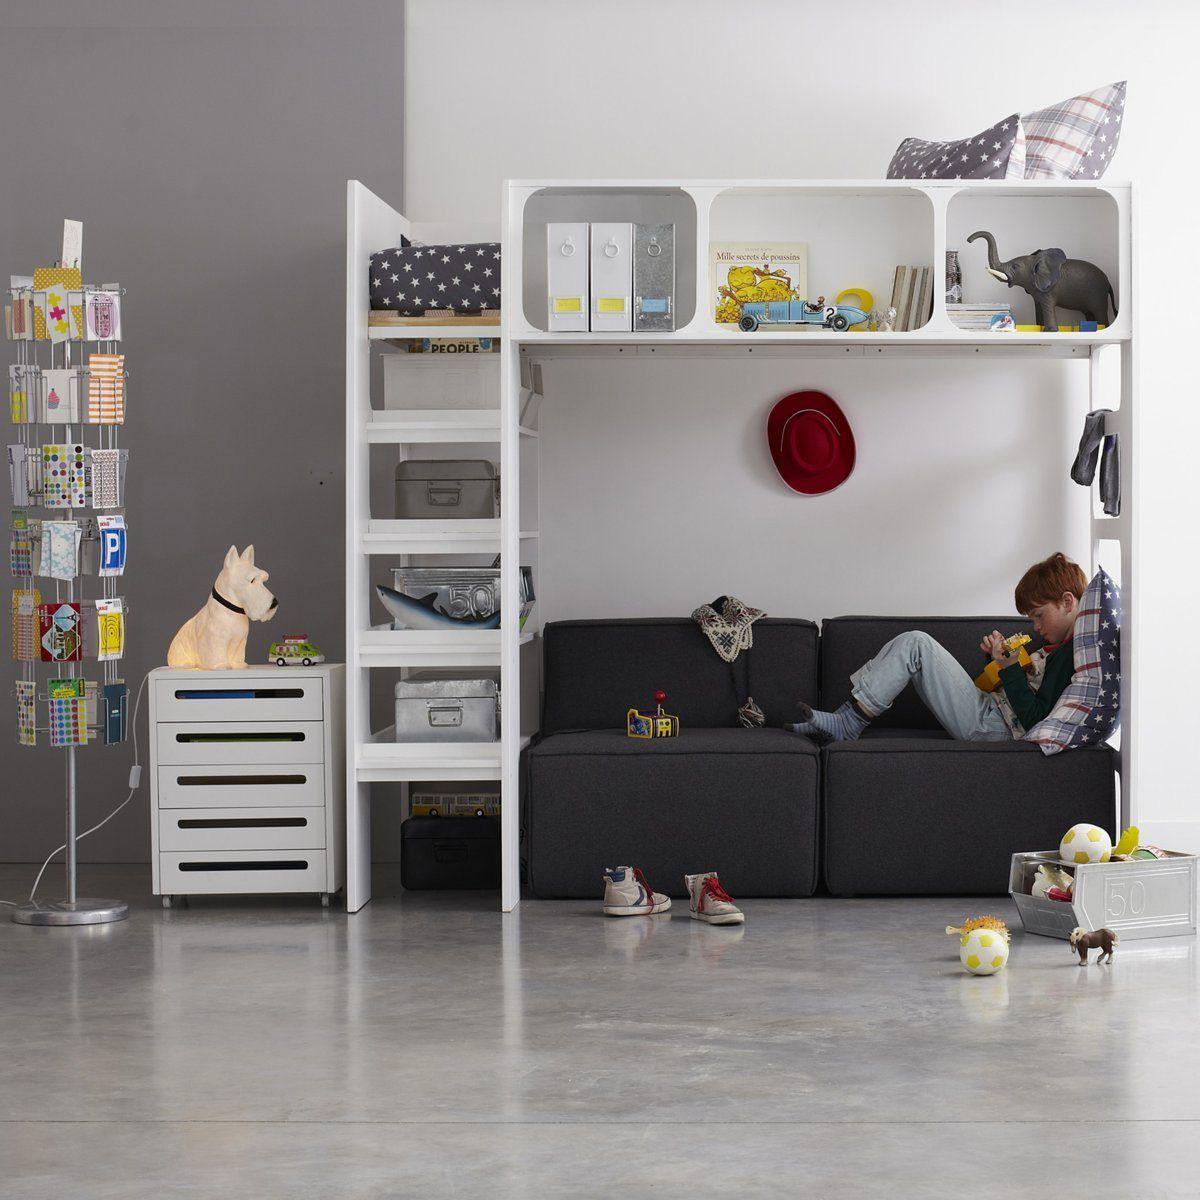 Loft bed railing ideas  Lit mezzanine Duplex AmPm  Baby Rooms  Pinterest  Lit mezzanine